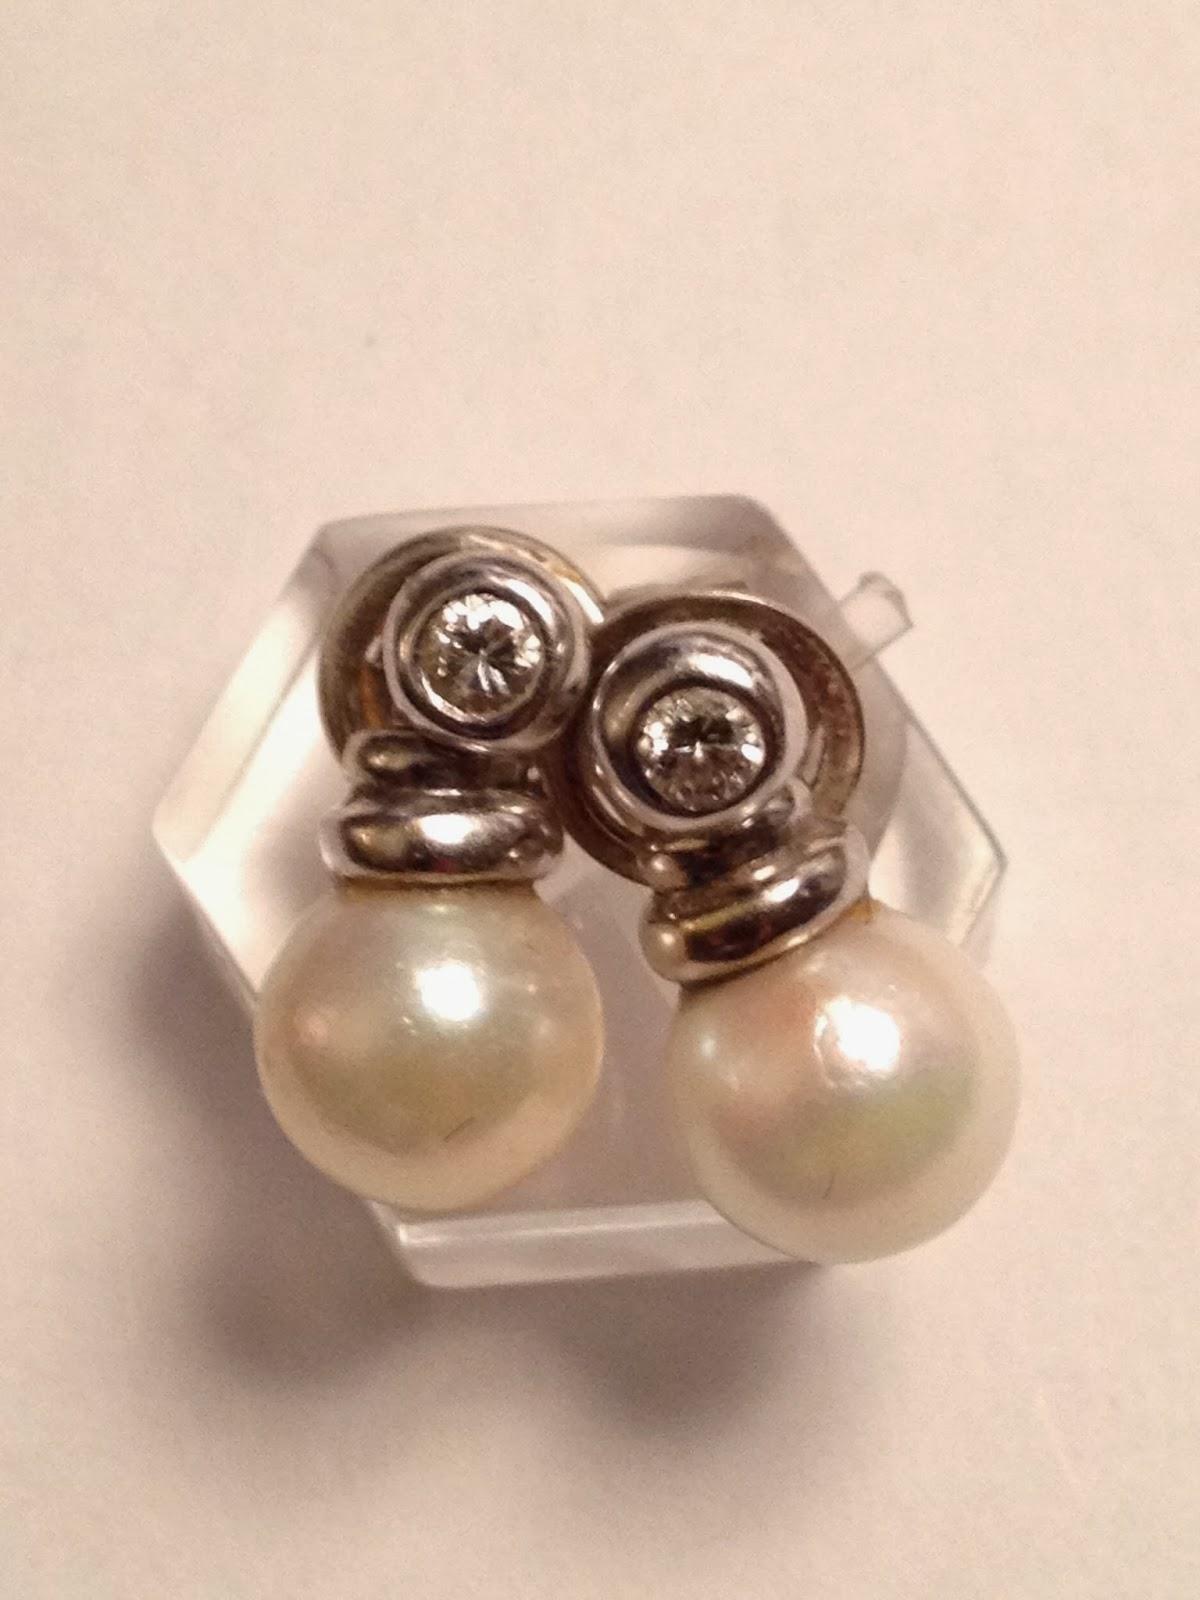 Como limpiar pendientes de oro y perlas